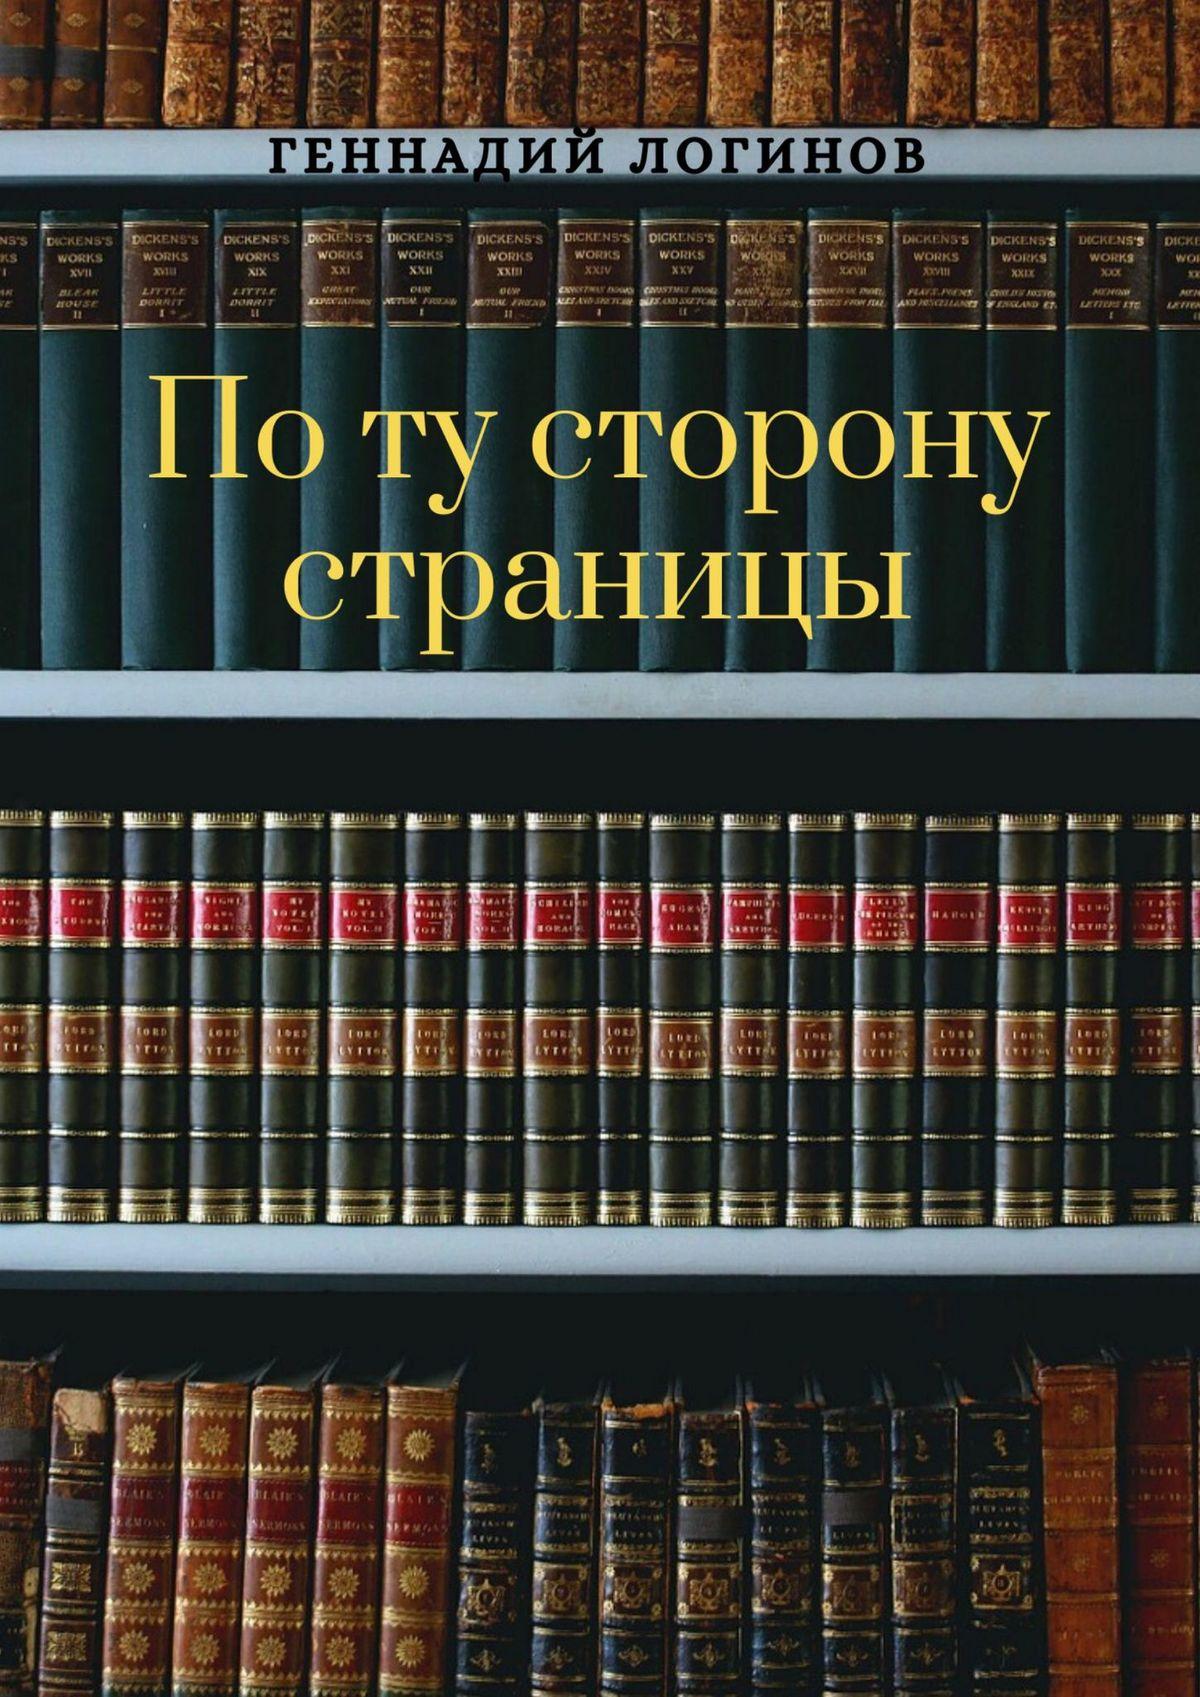 Геннадий Логинов Поту сторону страницы. История одного автора